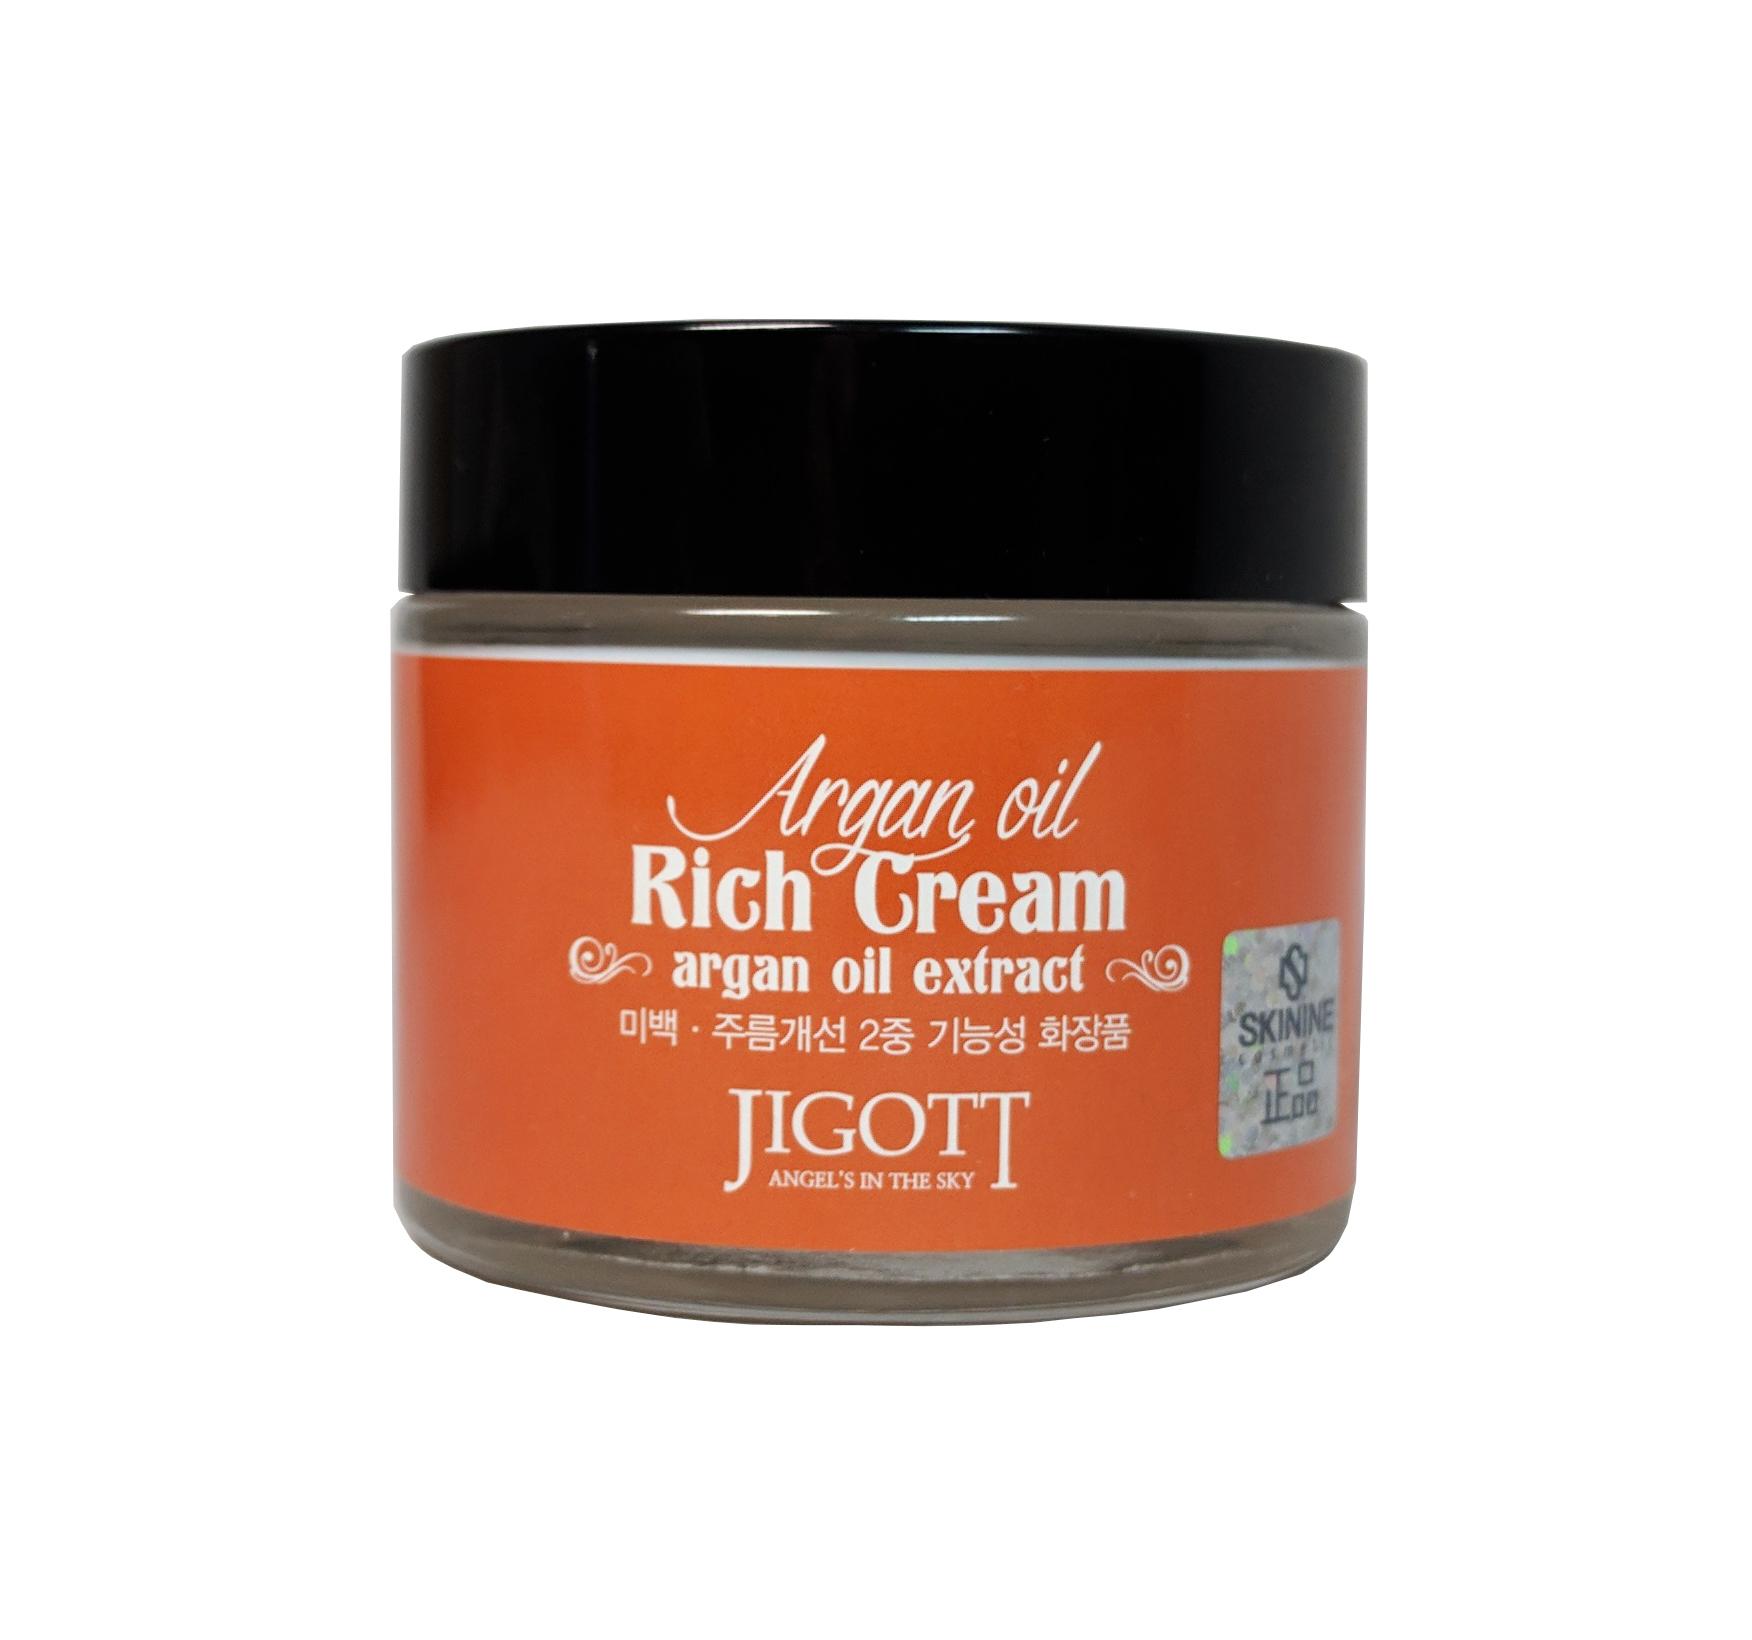 насыщенный крем для лица с аргановым маслом jigott argan oil reach creamArgan Oil Reach Cream. Насыщенный крем для лица с аргановым маслом<br><br>Благодаря аргановому маслу, крем обеспечивает глубокое питание, длительное увлажнение и бережную защиту кожи. Предотвращает преждевременное старение кожи, способствует ее омоложению. Улучшает состояние клеток дермы, способствует обновлению и регенерации кожи, обладает антиоксидантным действием, защищает кожу от сухости и раздражения, разглаживает морщинки, улучшает эластичность и упругость кожи, повышает тонус, усиливает барьерные функции кожи.<br><br>Ниацинамид эффективно справляется с пигментацией: осветляет и уменьшает возрастные пятна, выравнивает тон кожи.<br><br>Экстракт зеленого чая защищает кожу от негативных воздействий окружающей среды, замедляет процесс старения клеток.&amp;nbsp;<br><br>Применение:&amp;nbsp;Используйте как завершающий этап ухода за кожей. Небольшое количество крема нанесите на лицо и шею, нежными похлопывающими движениями распределите крем по поверхности кожи.<br><br>Меры предосторожности:&amp;nbsp;Только для наружного применения. Избегать попадания в глаза. При попадании в глаза немедленно промыть водой. Не наносить на поврежденные участки кожи. При появлении раздражения прекратить использование.<br><br>Срок годности:&amp;nbsp;3 года с даты производства.<br><br>Объем:&amp;nbsp;70 мл<br><br>&amp;nbsp;<br>